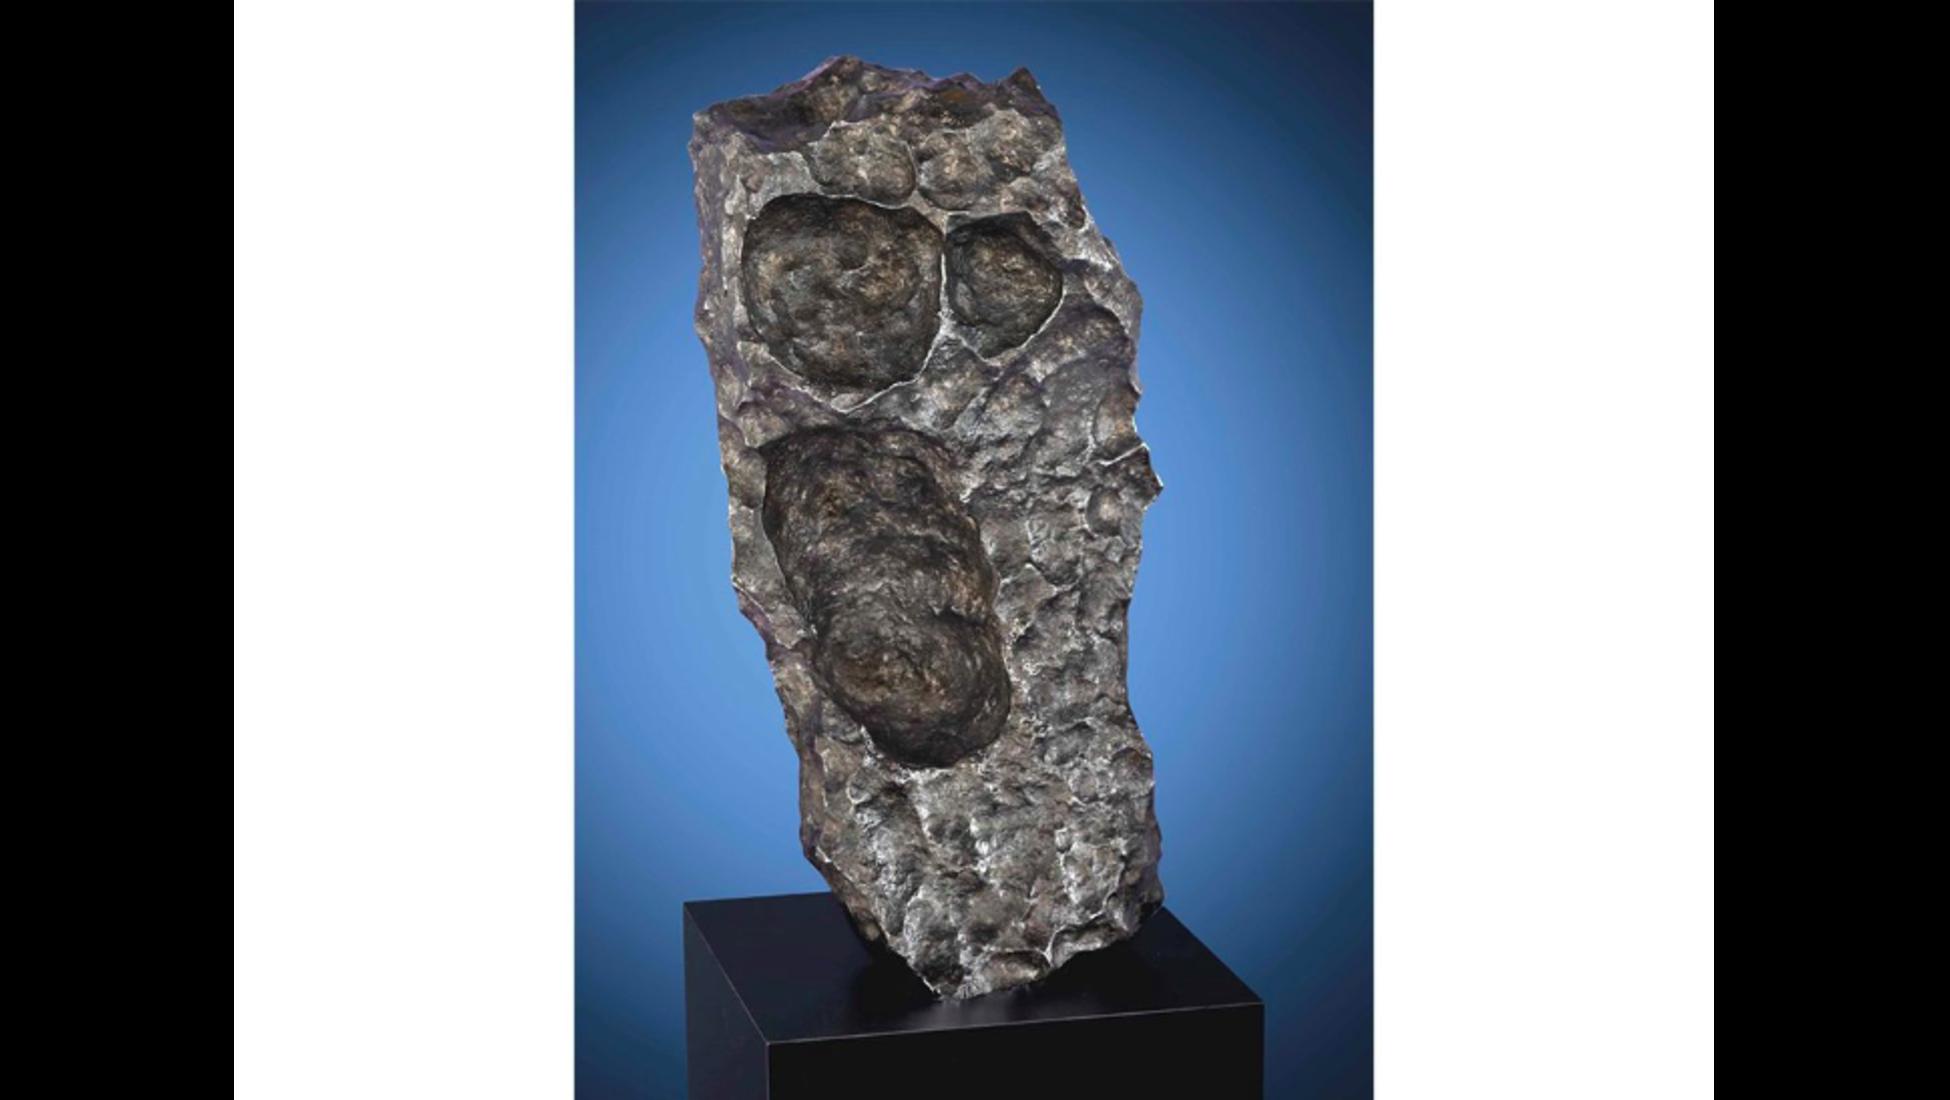 Har ar sveriges storsta meteorit